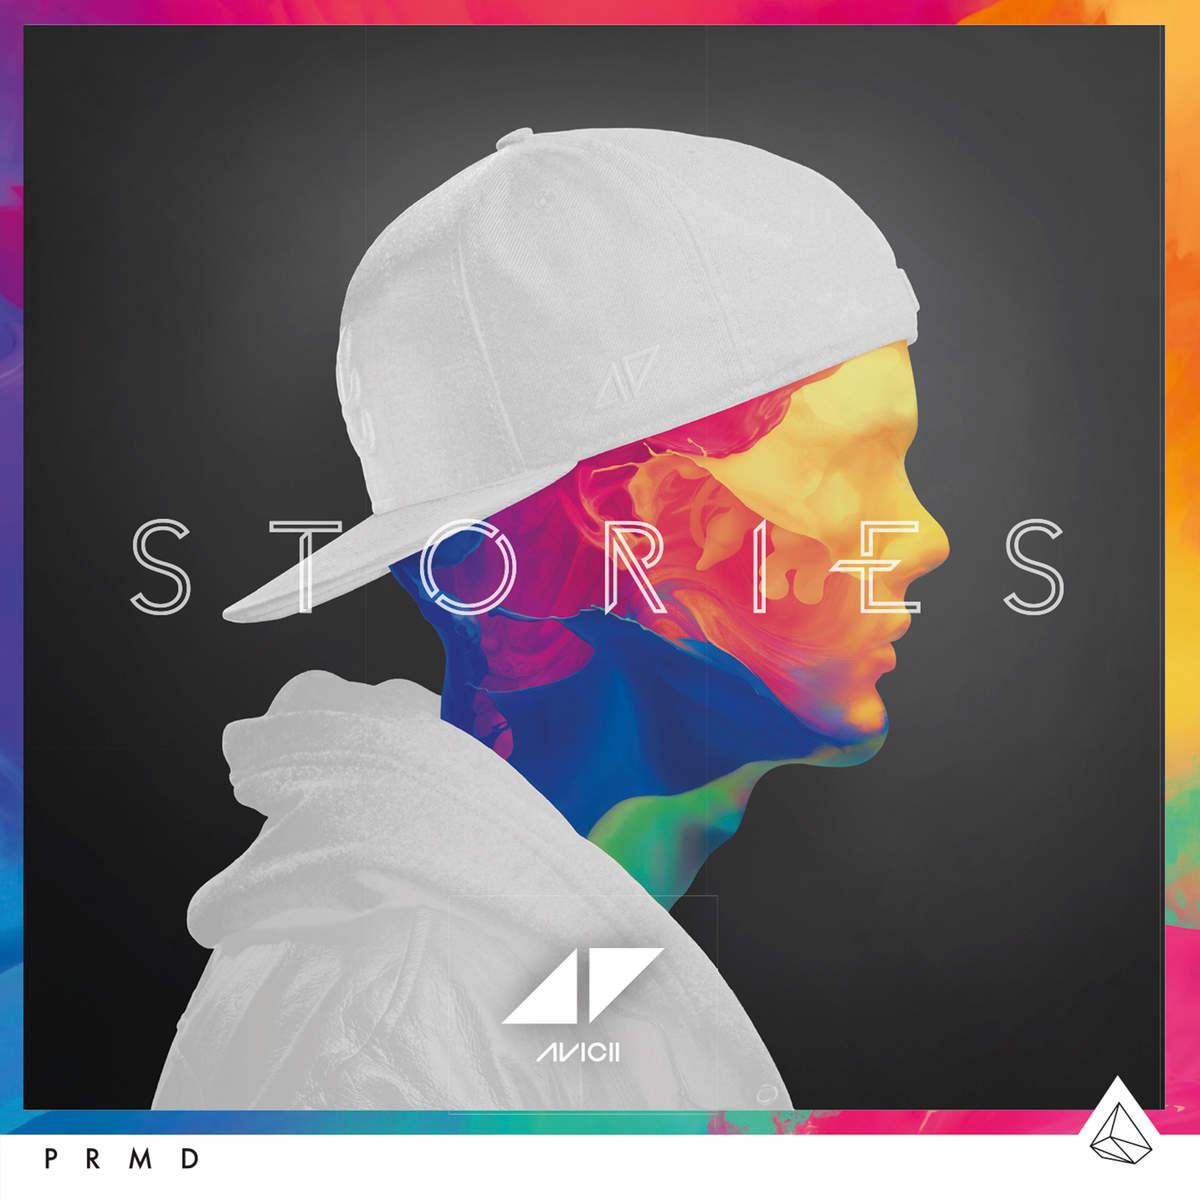 Avicii Stories Album Cover